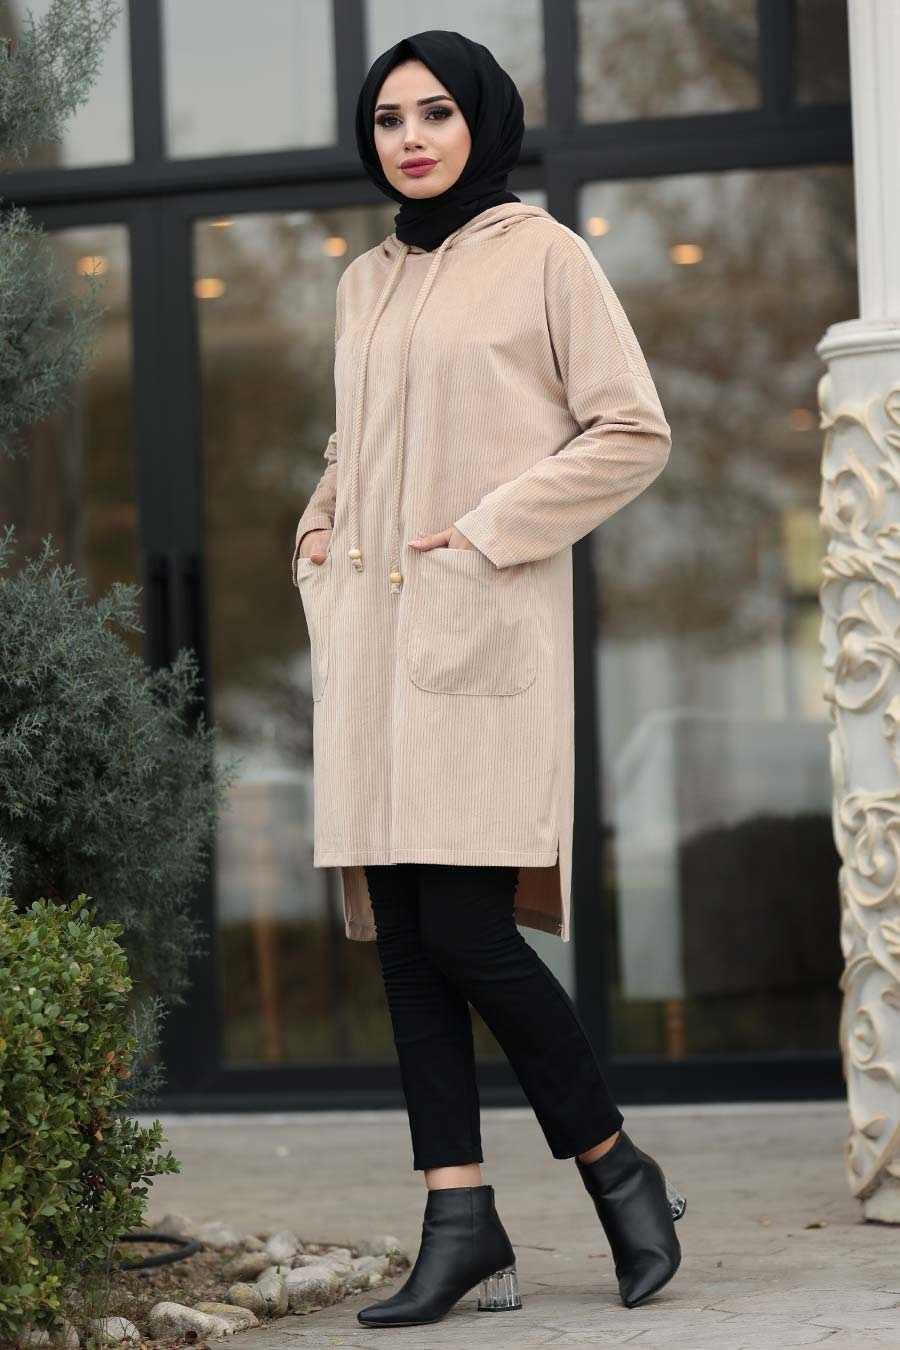 Neva Style Sonbahar Kış Kadife Tunik Modelleri